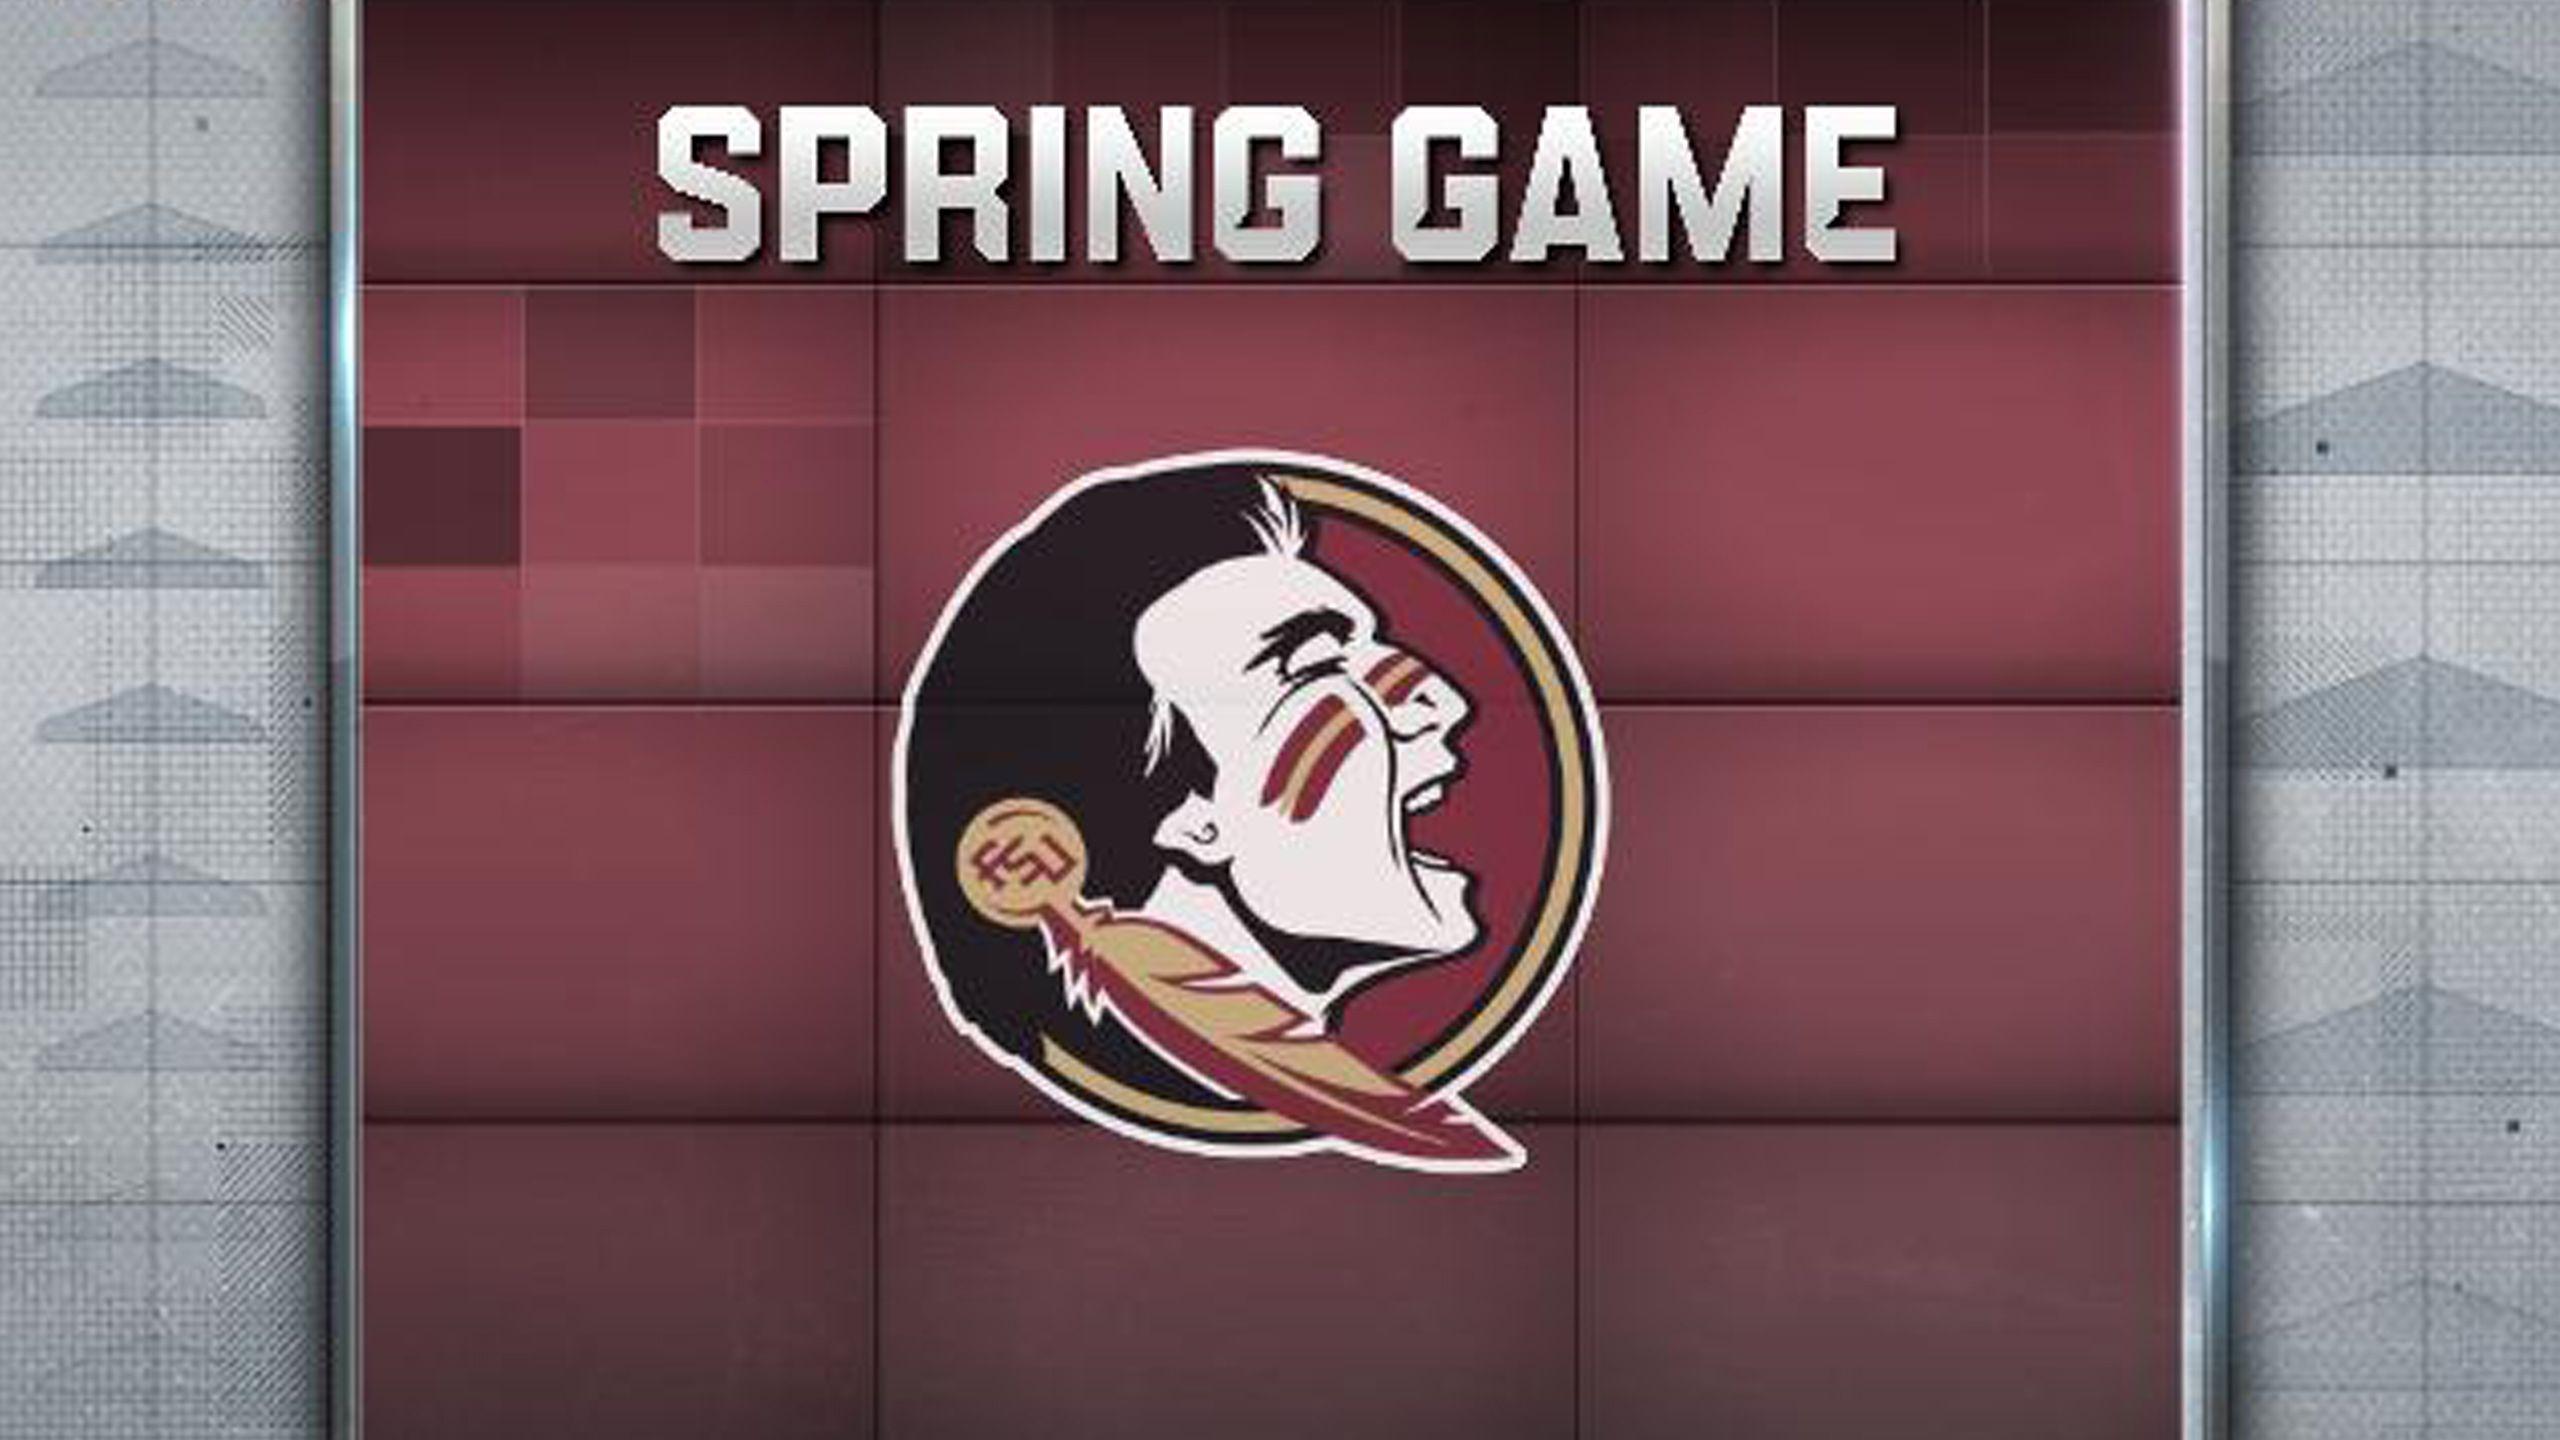 Florida State Spring Game